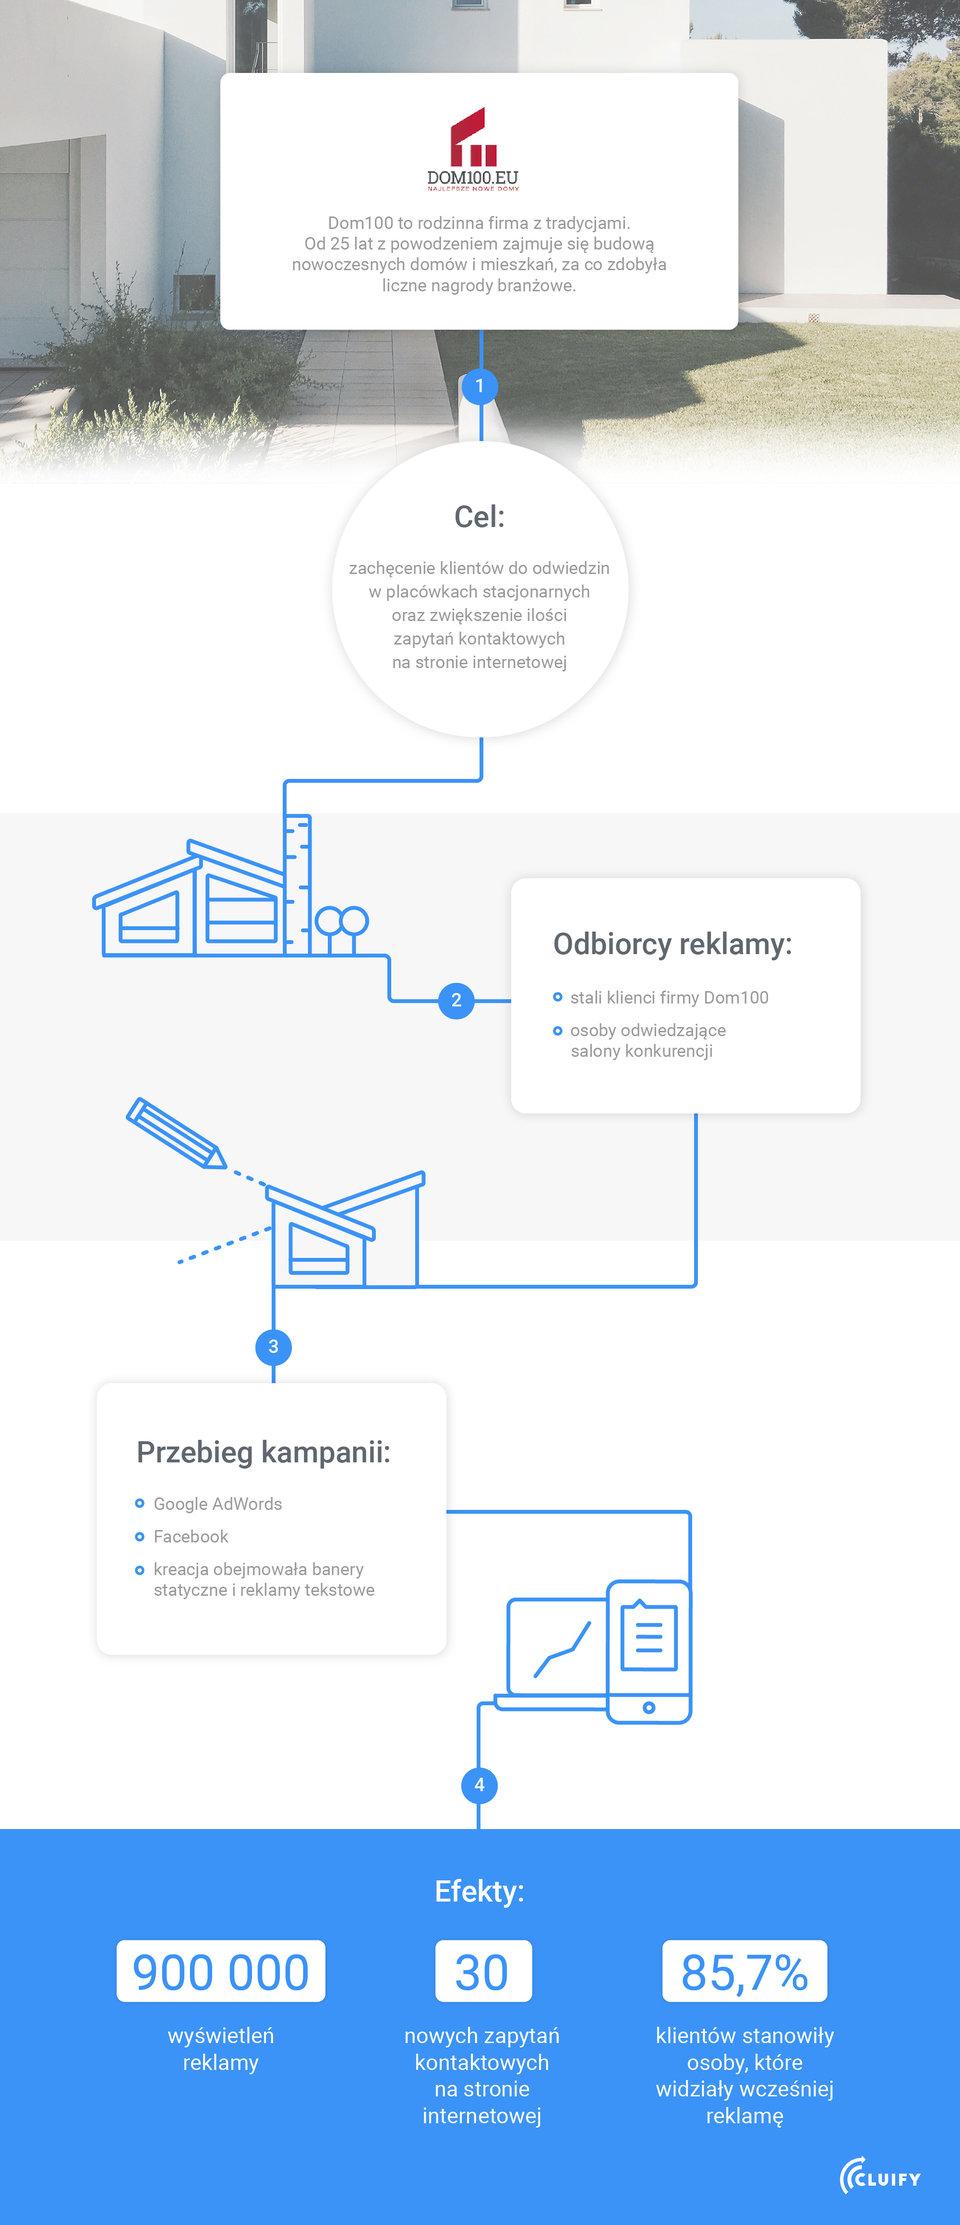 cluify-infografika-case-study-DOM100-01.jpg